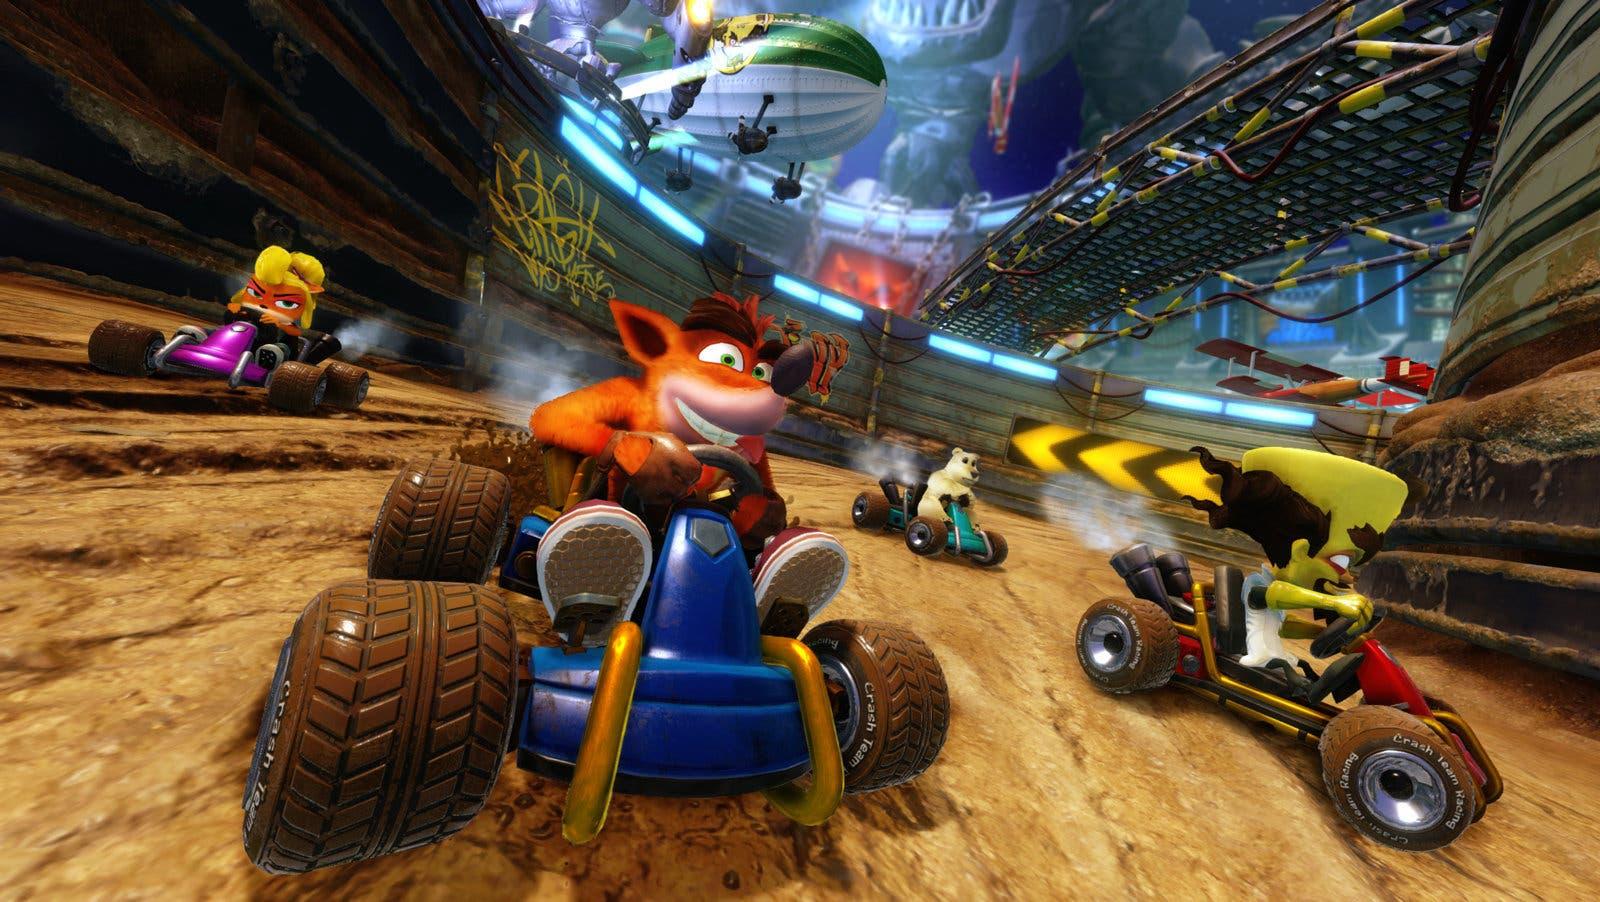 Imagen de Crash Team Racing: Nitro-Fueled incluye una curiosa novedad